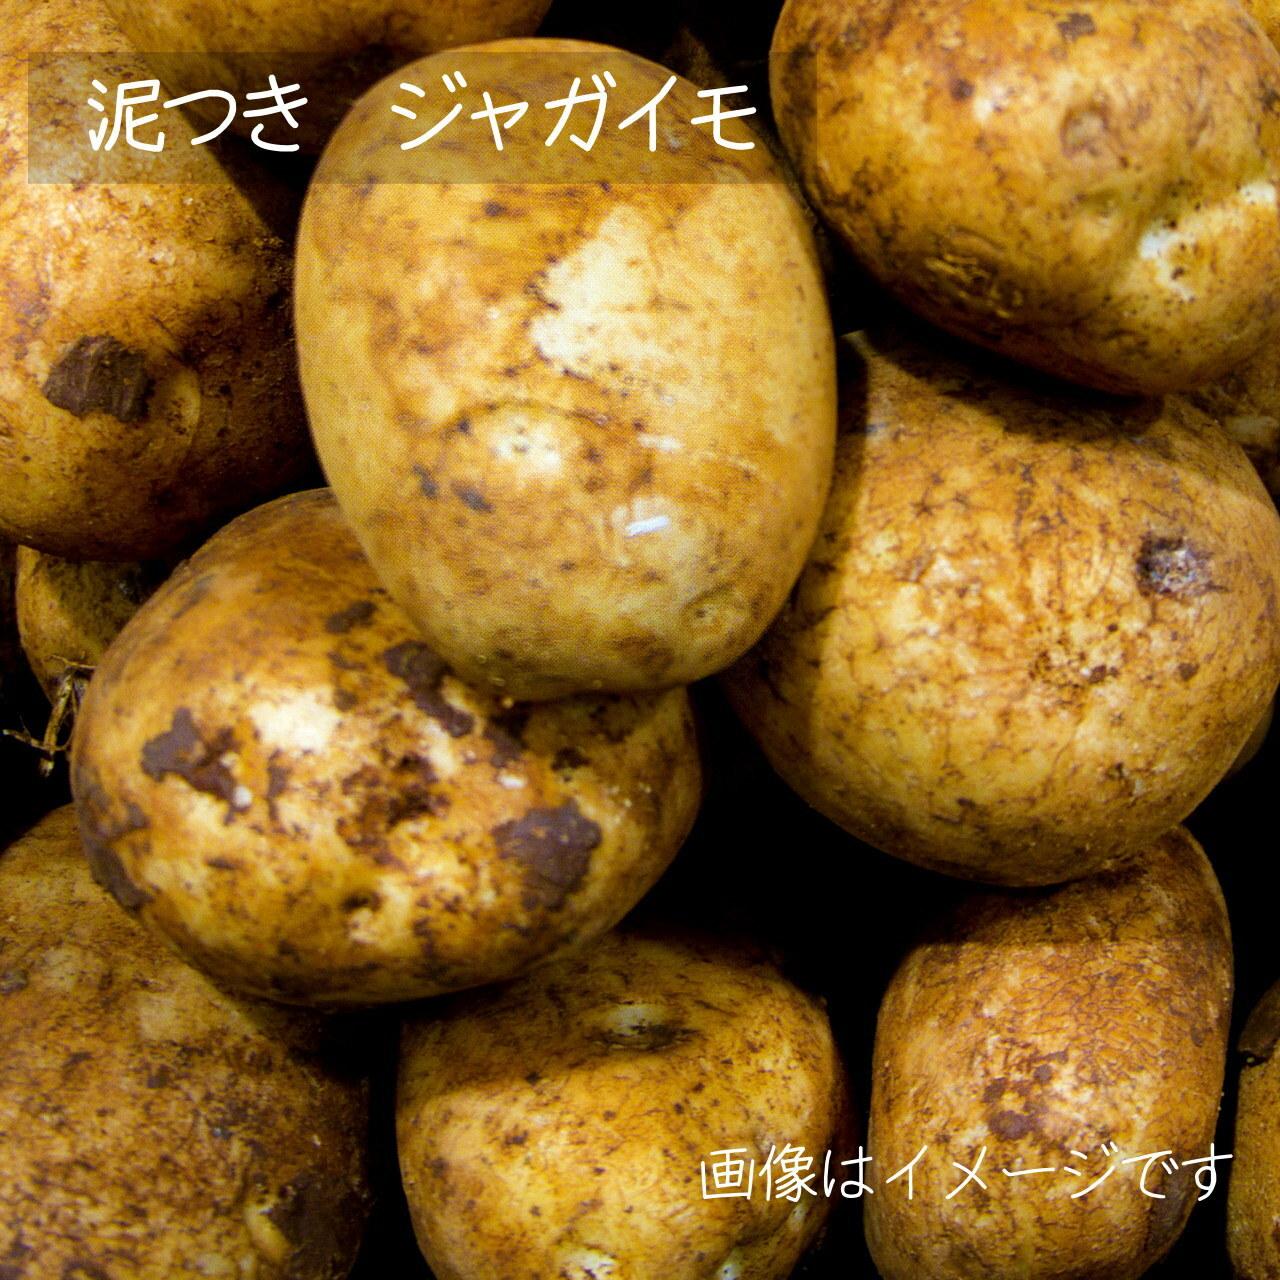 6月の朝採り直売野菜 : ジャガイモ 約500g 6月15日発送予定